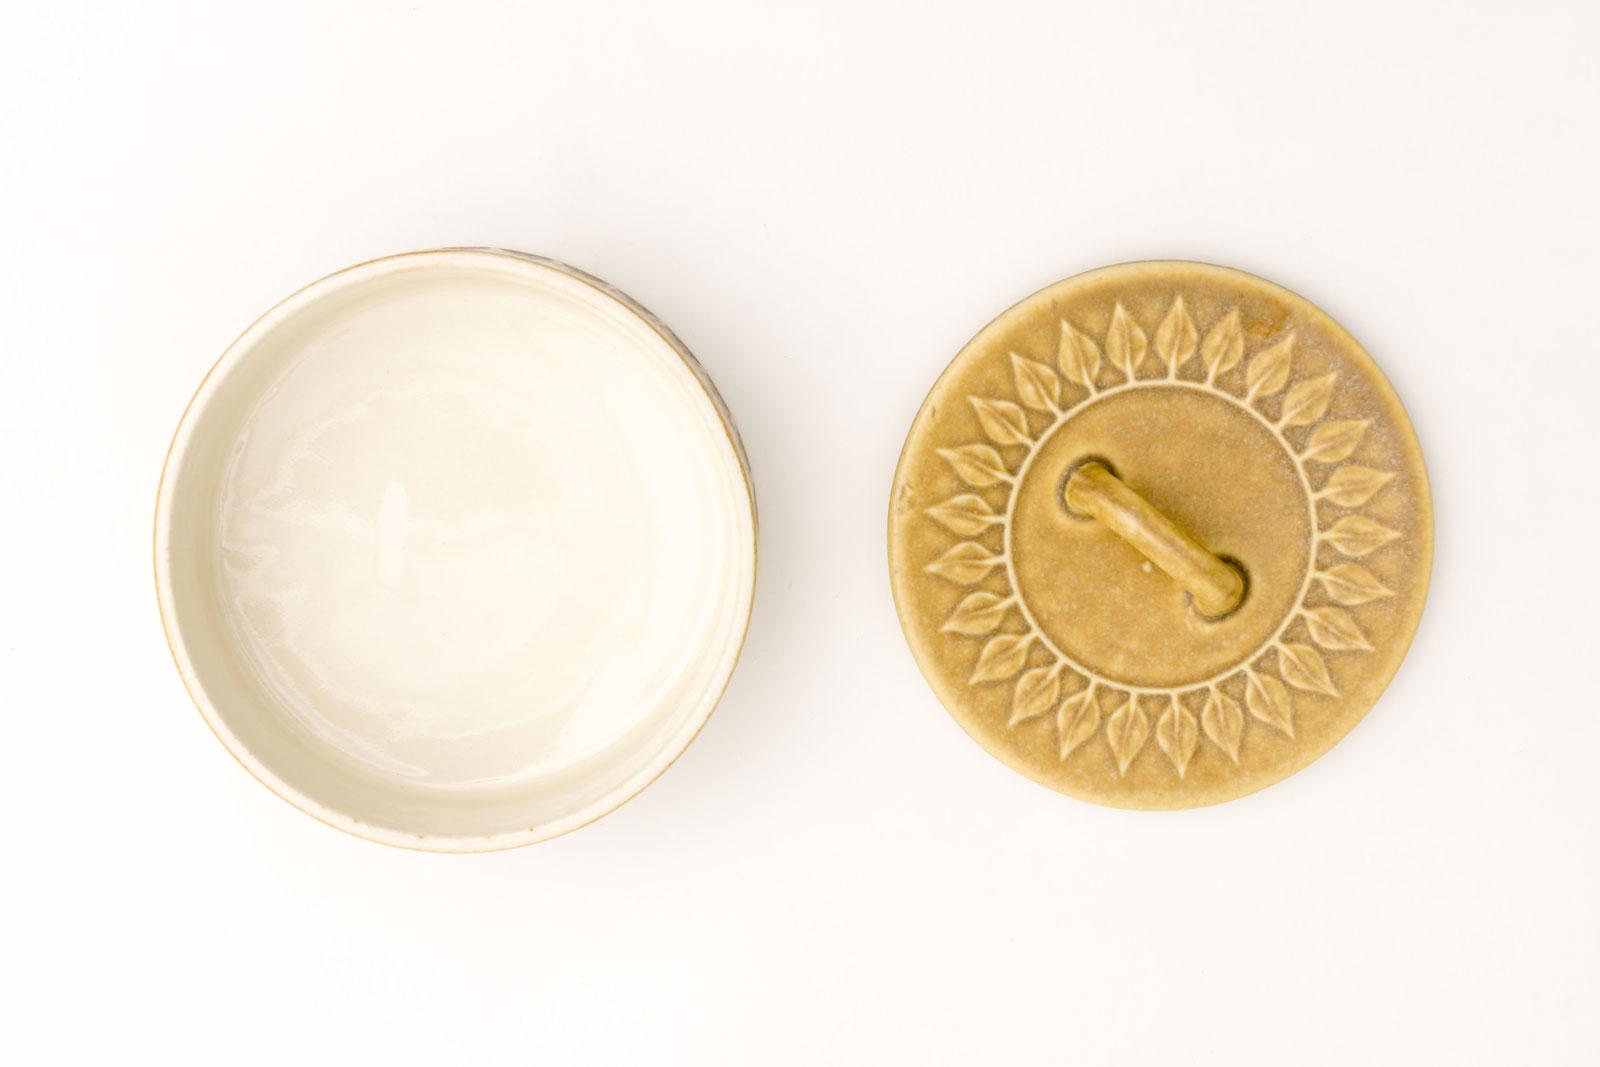 Round Pot designed by Jens H Quistgaard